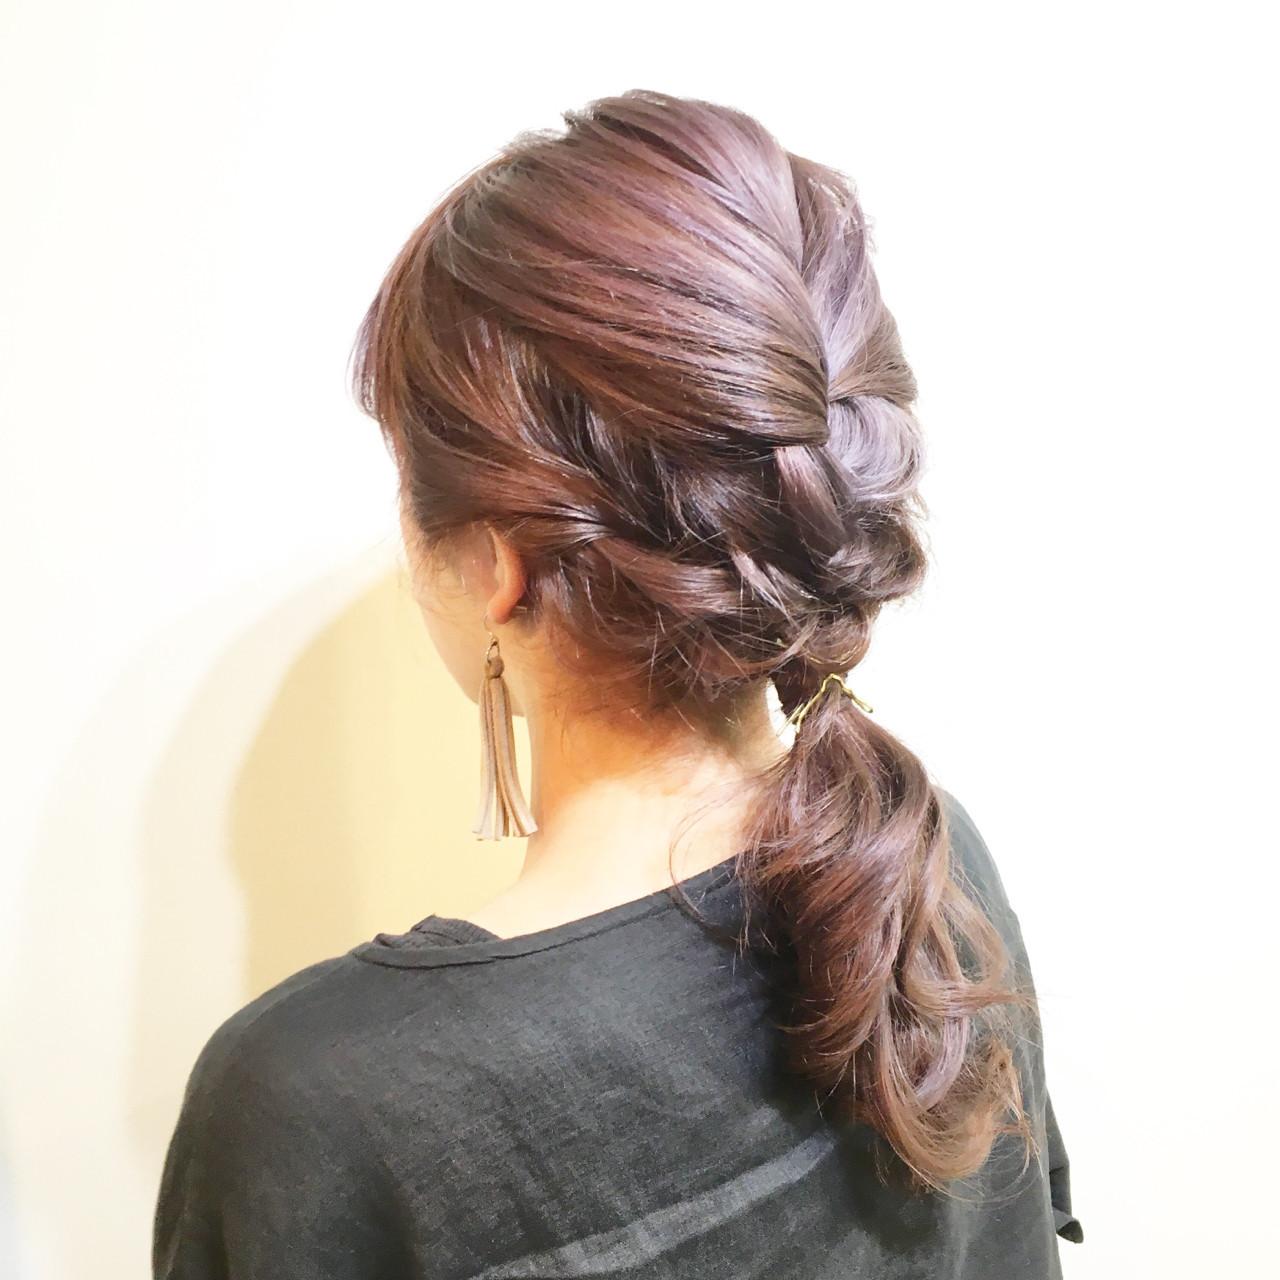 ヘアアレンジ ハーフアップ 夏 ポニーテール ヘアスタイルや髪型の写真・画像